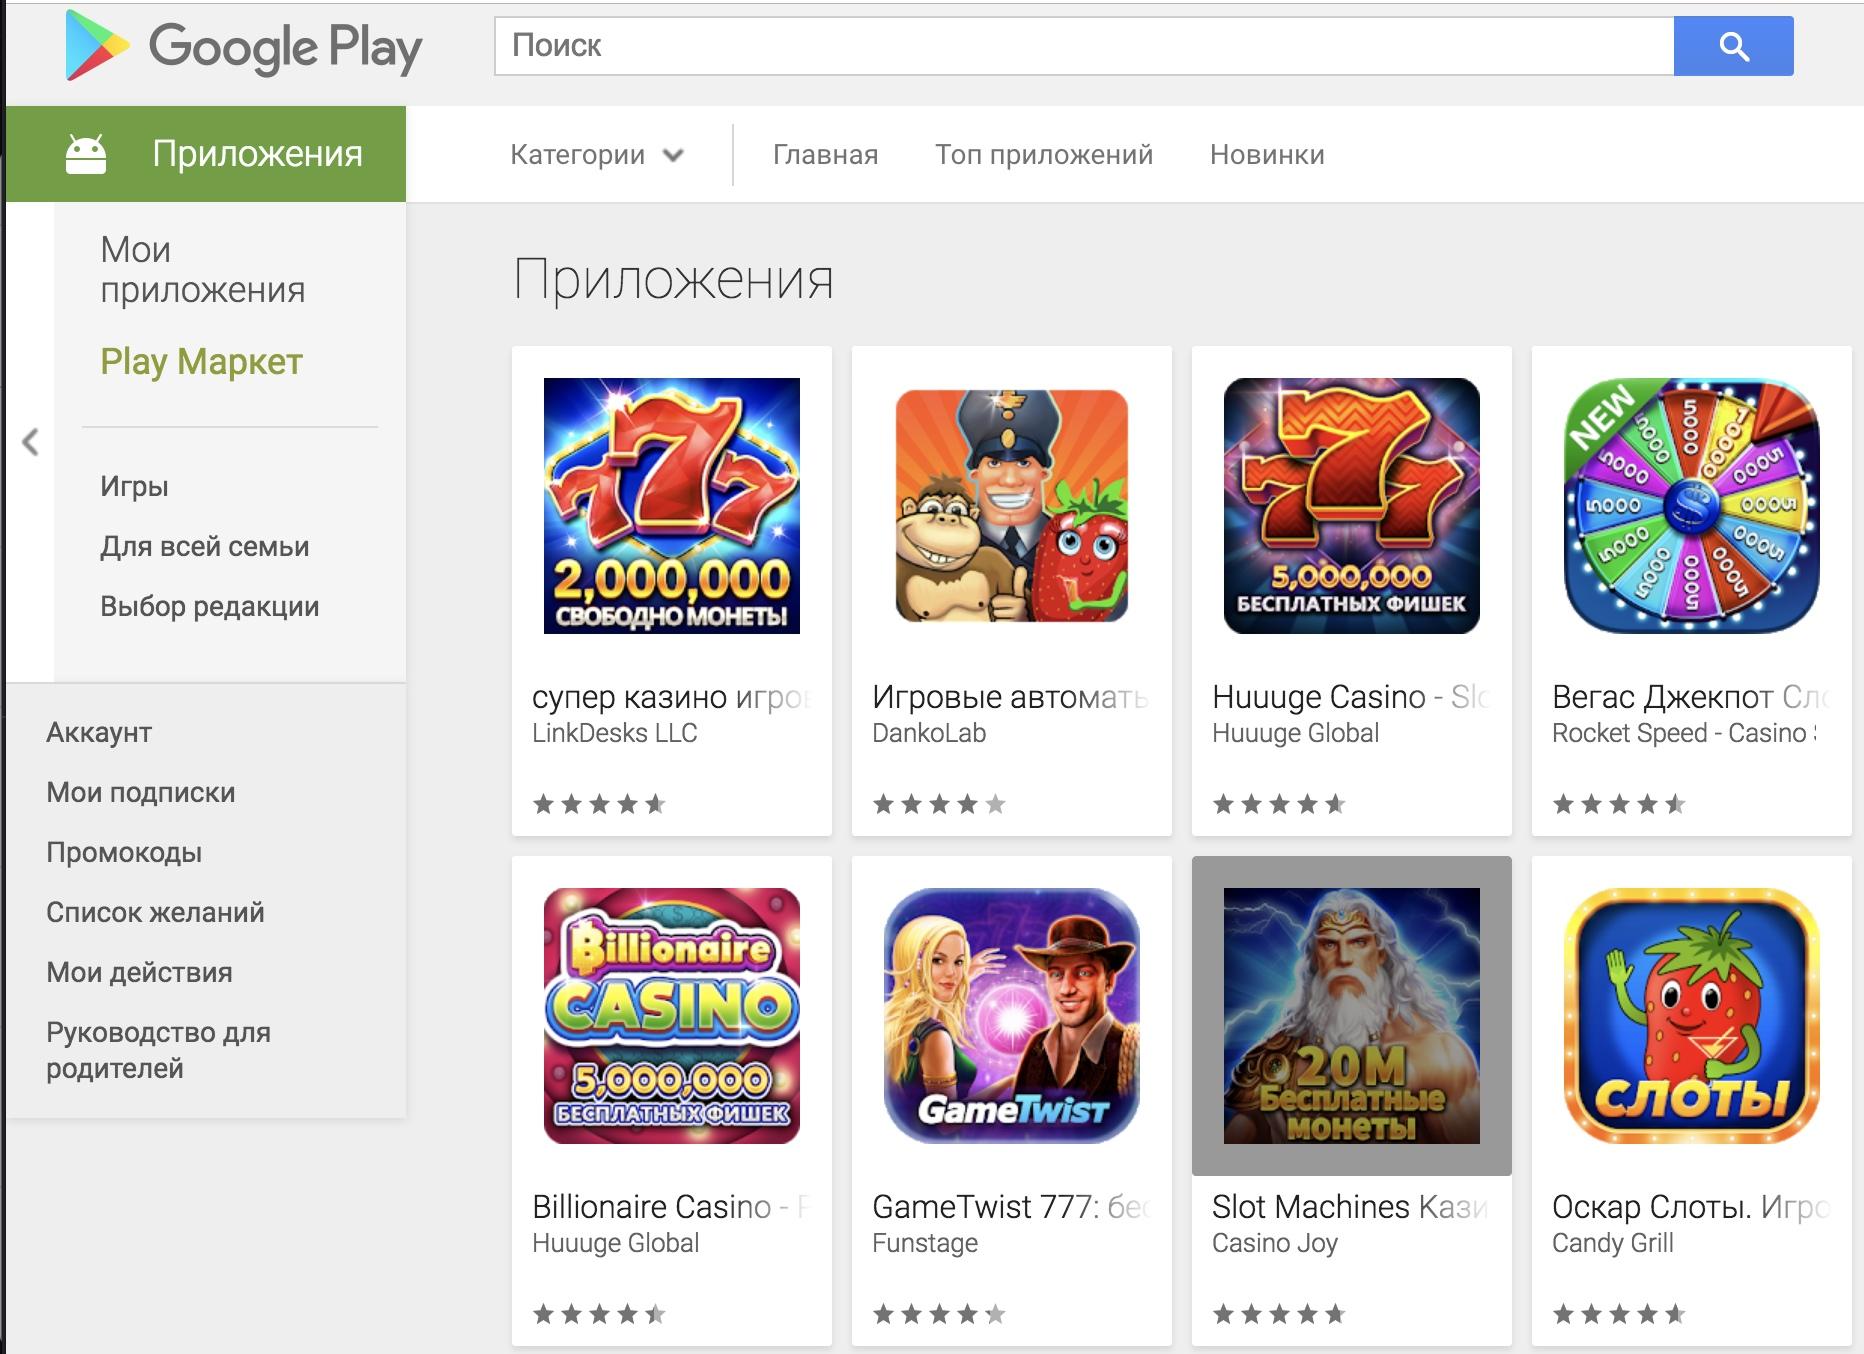 Кейс: Льем на мобильное приложение Казино. Профит 3 млн рублей за 2 недели.